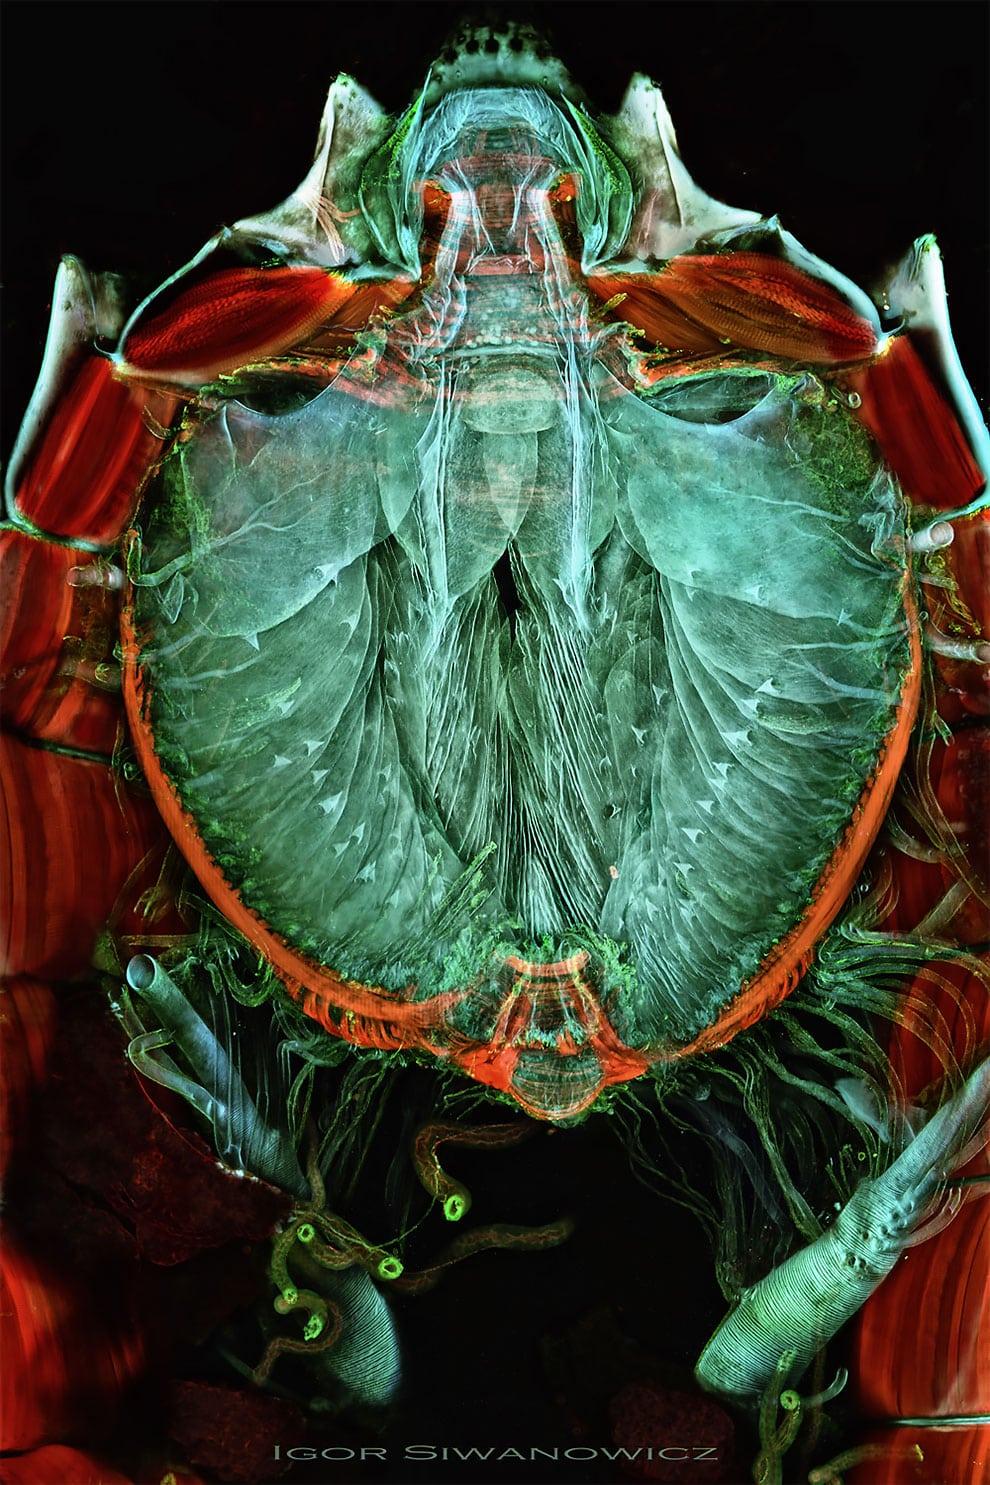 fotografo polaco microscopio fluorescente 10